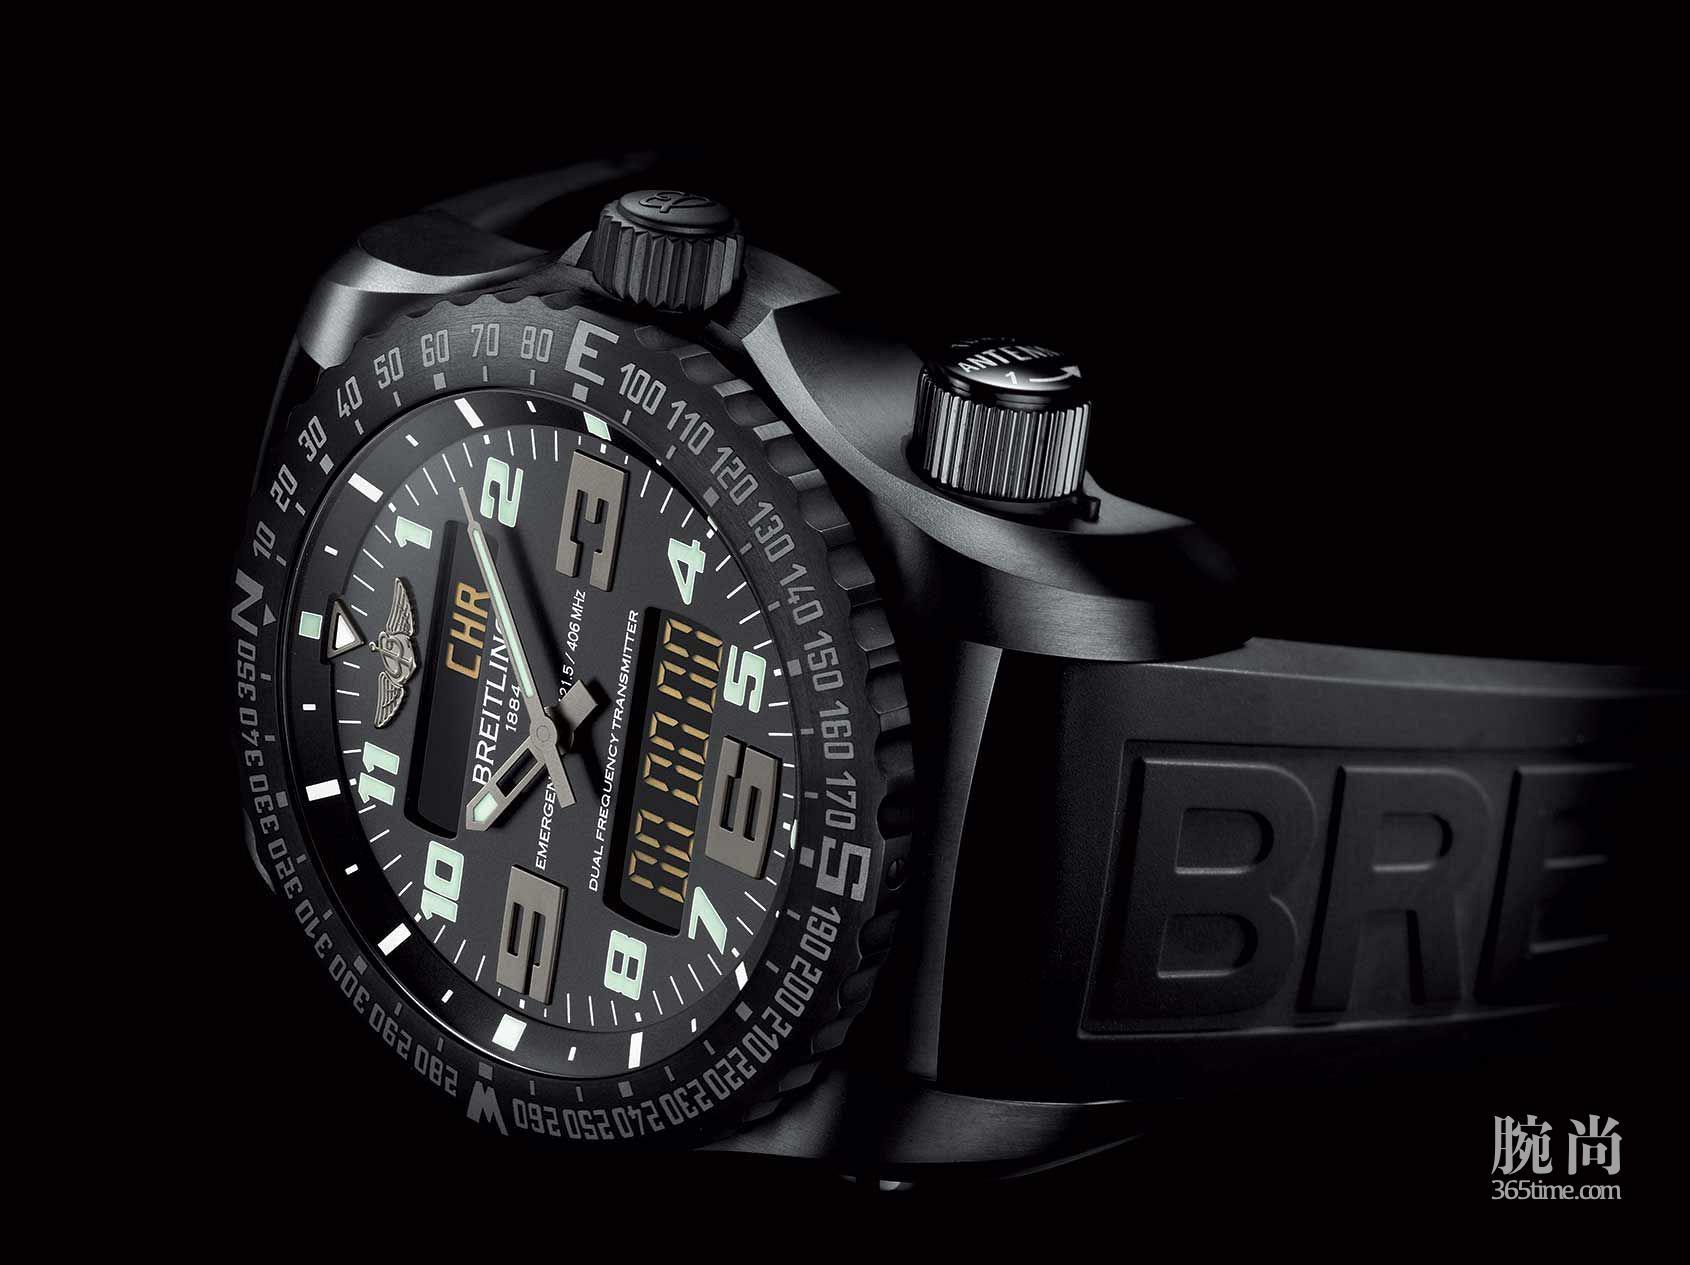 Breitling-emergency-II-nightmission-845x633@2x.jpg